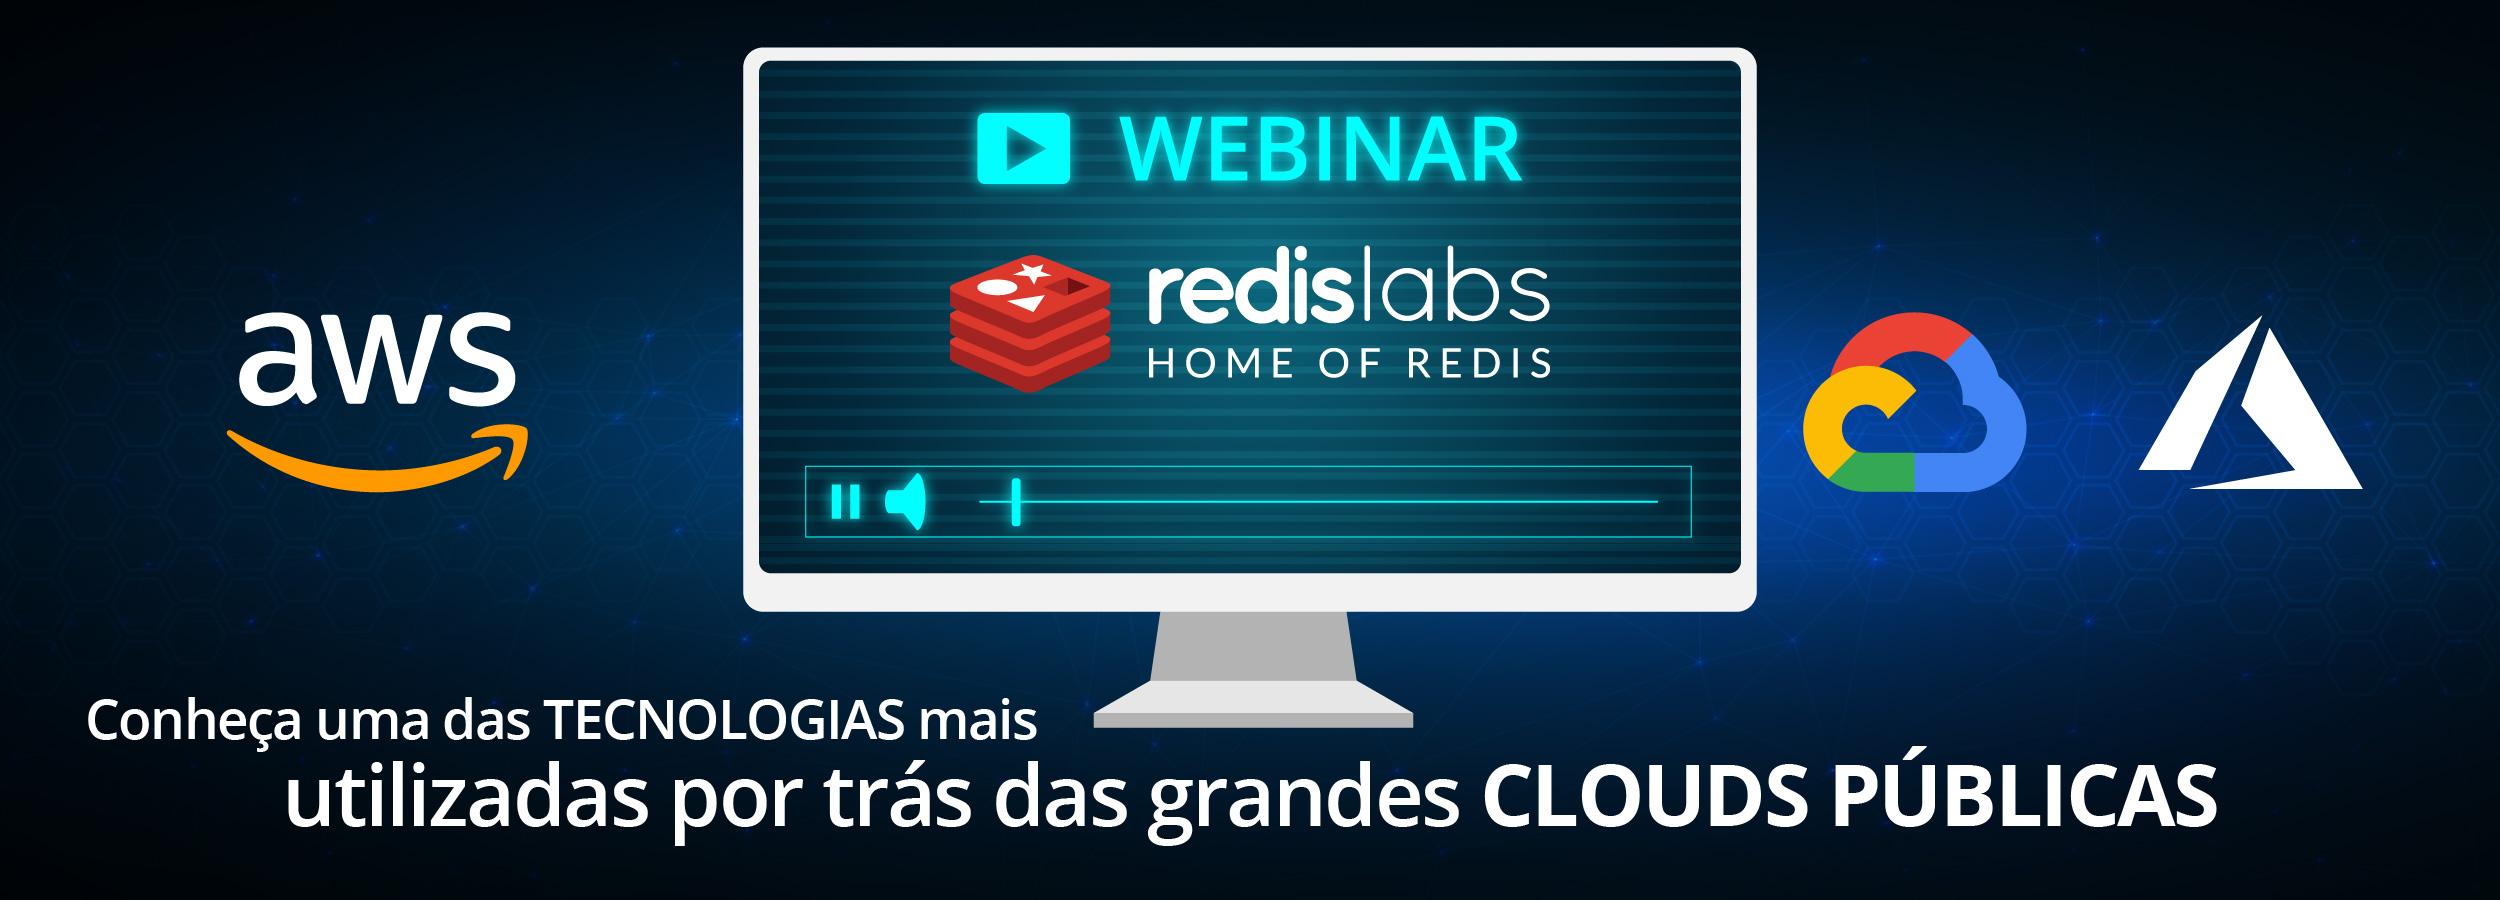 Webinar Redis e as tecnologias por trás das Clouds Públicas